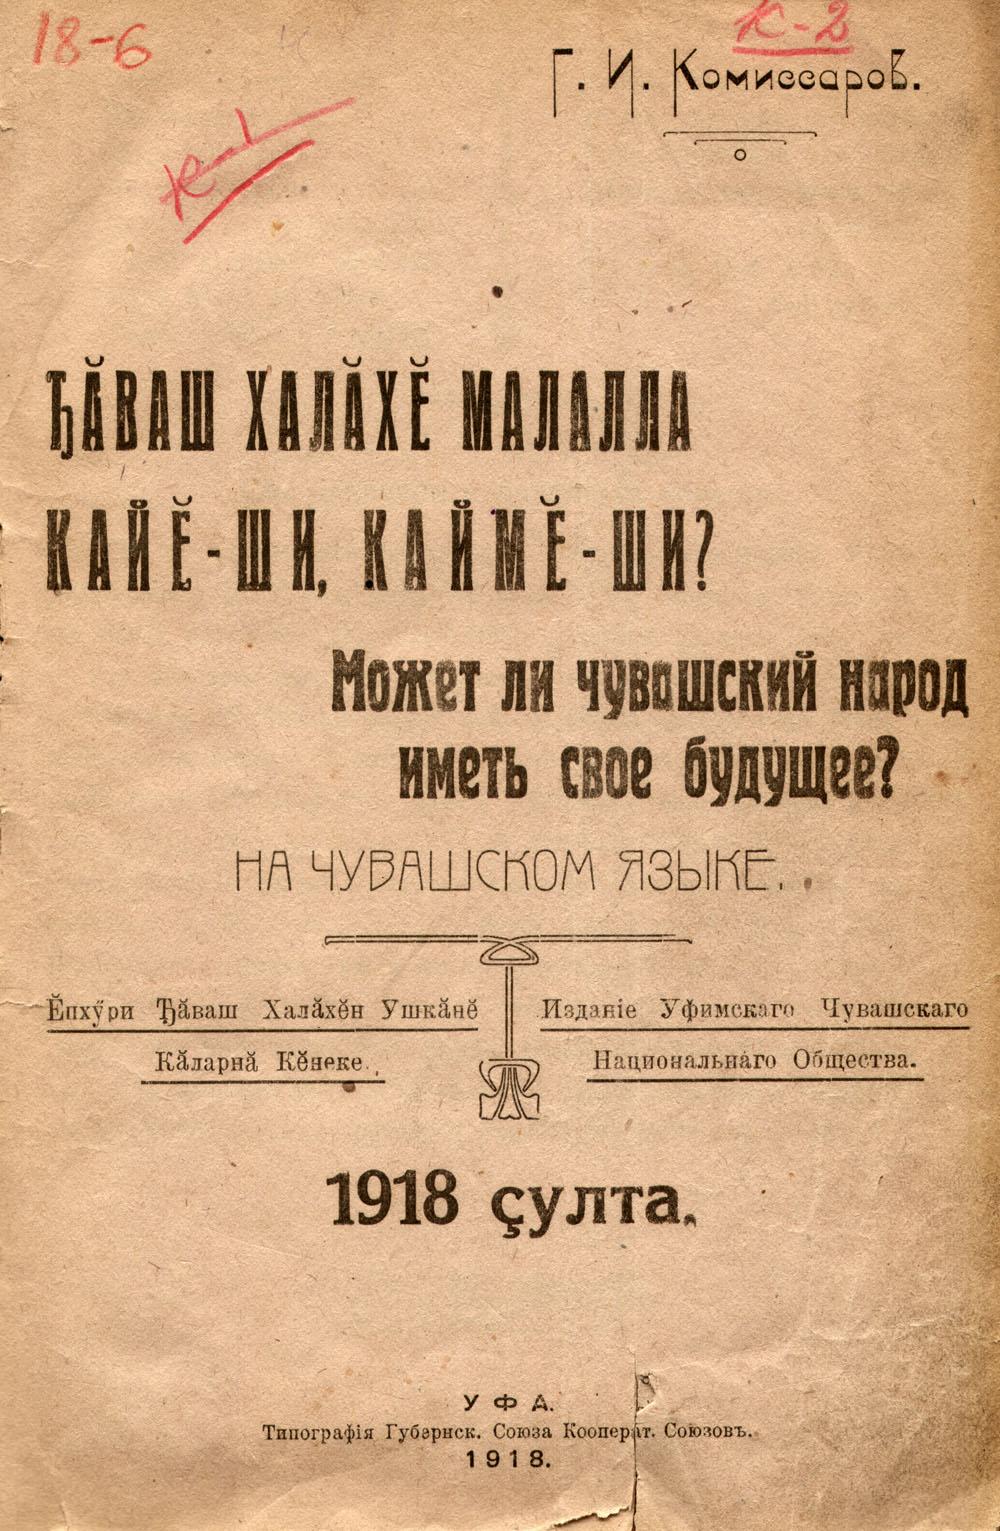 Кто такой татарин и что такое великая орда?